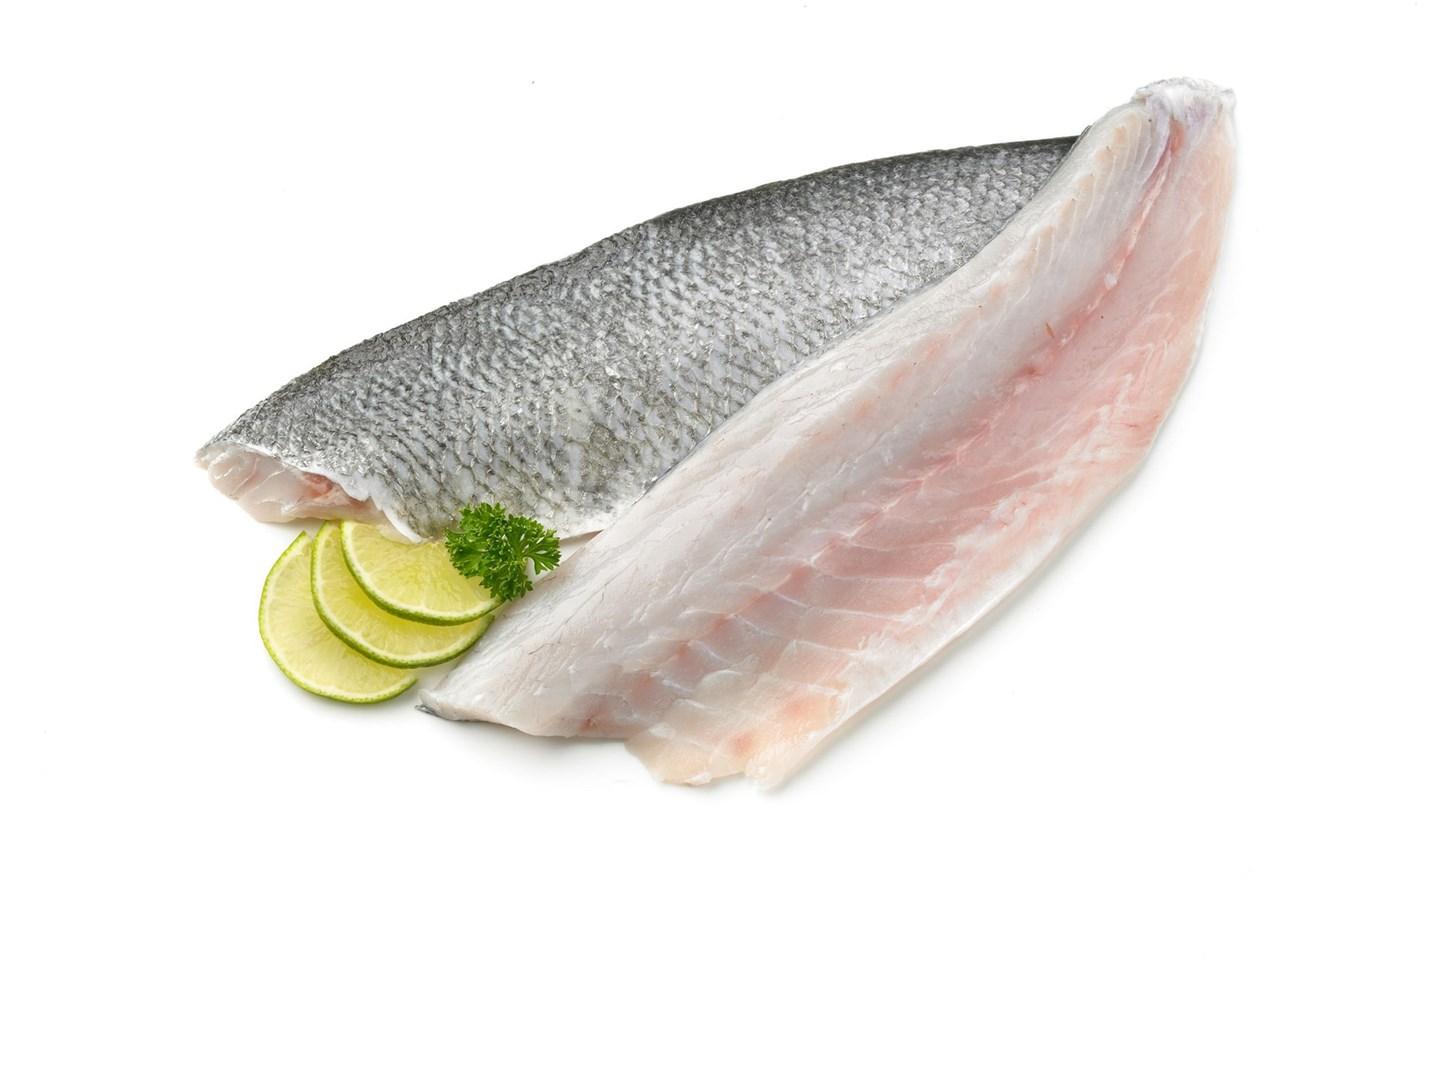 Productafbeelding Zeebaars kweek 600-800 gram, filet zonder vel